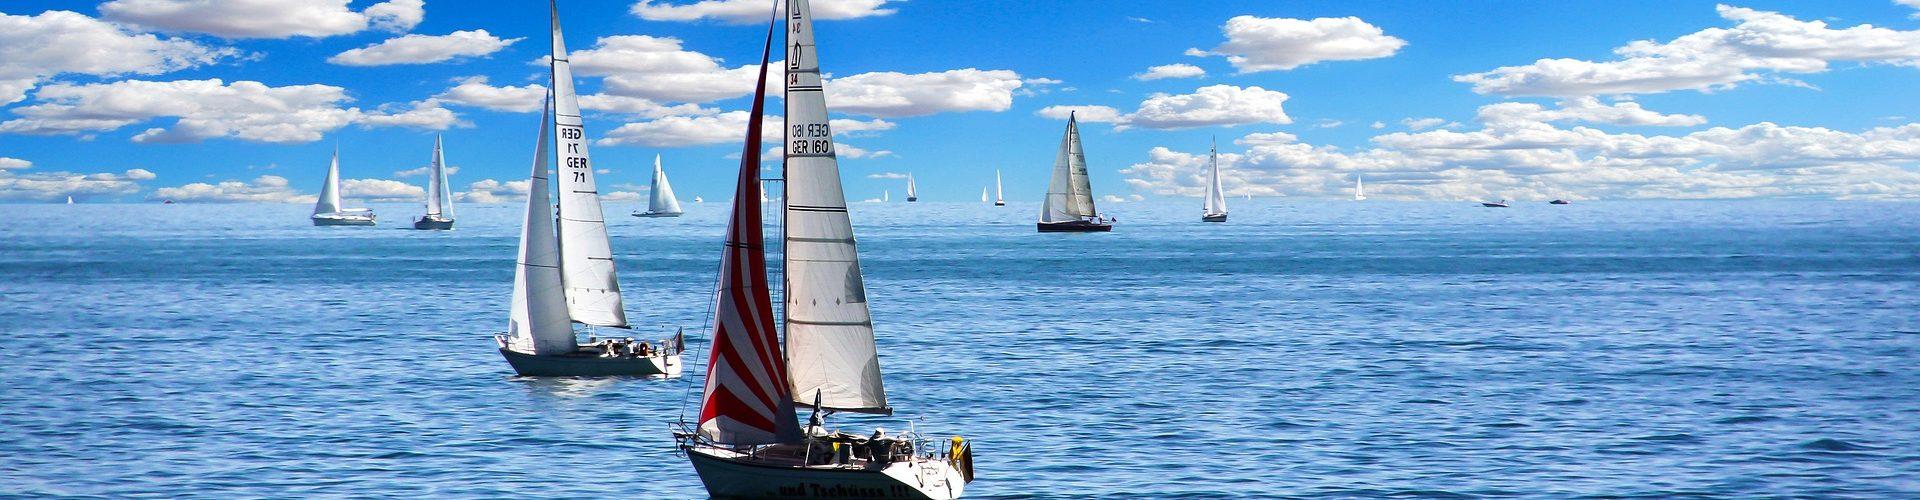 segeln lernen in Hemmoor segelschein machen in Hemmoor 1920x500 - Segeln lernen in Hemmoor